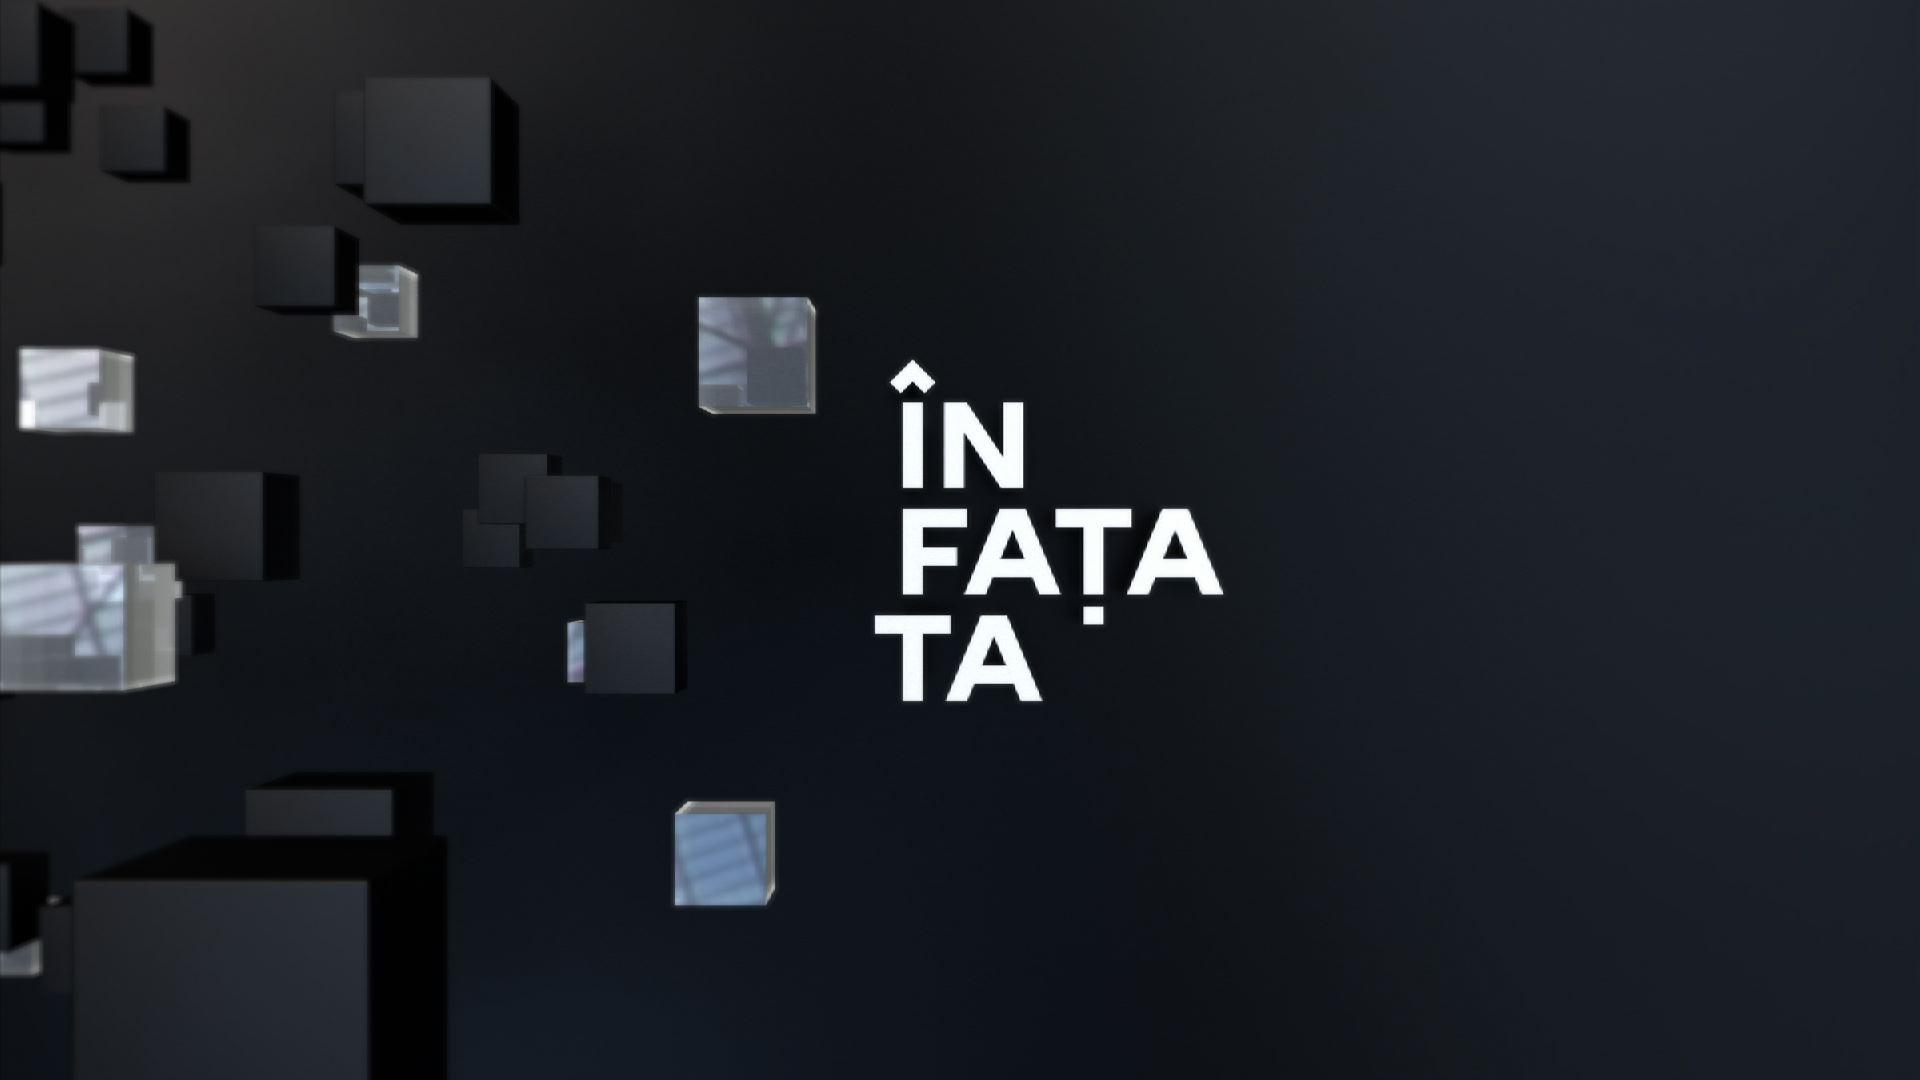 in-fata-ta-16-august-22-30